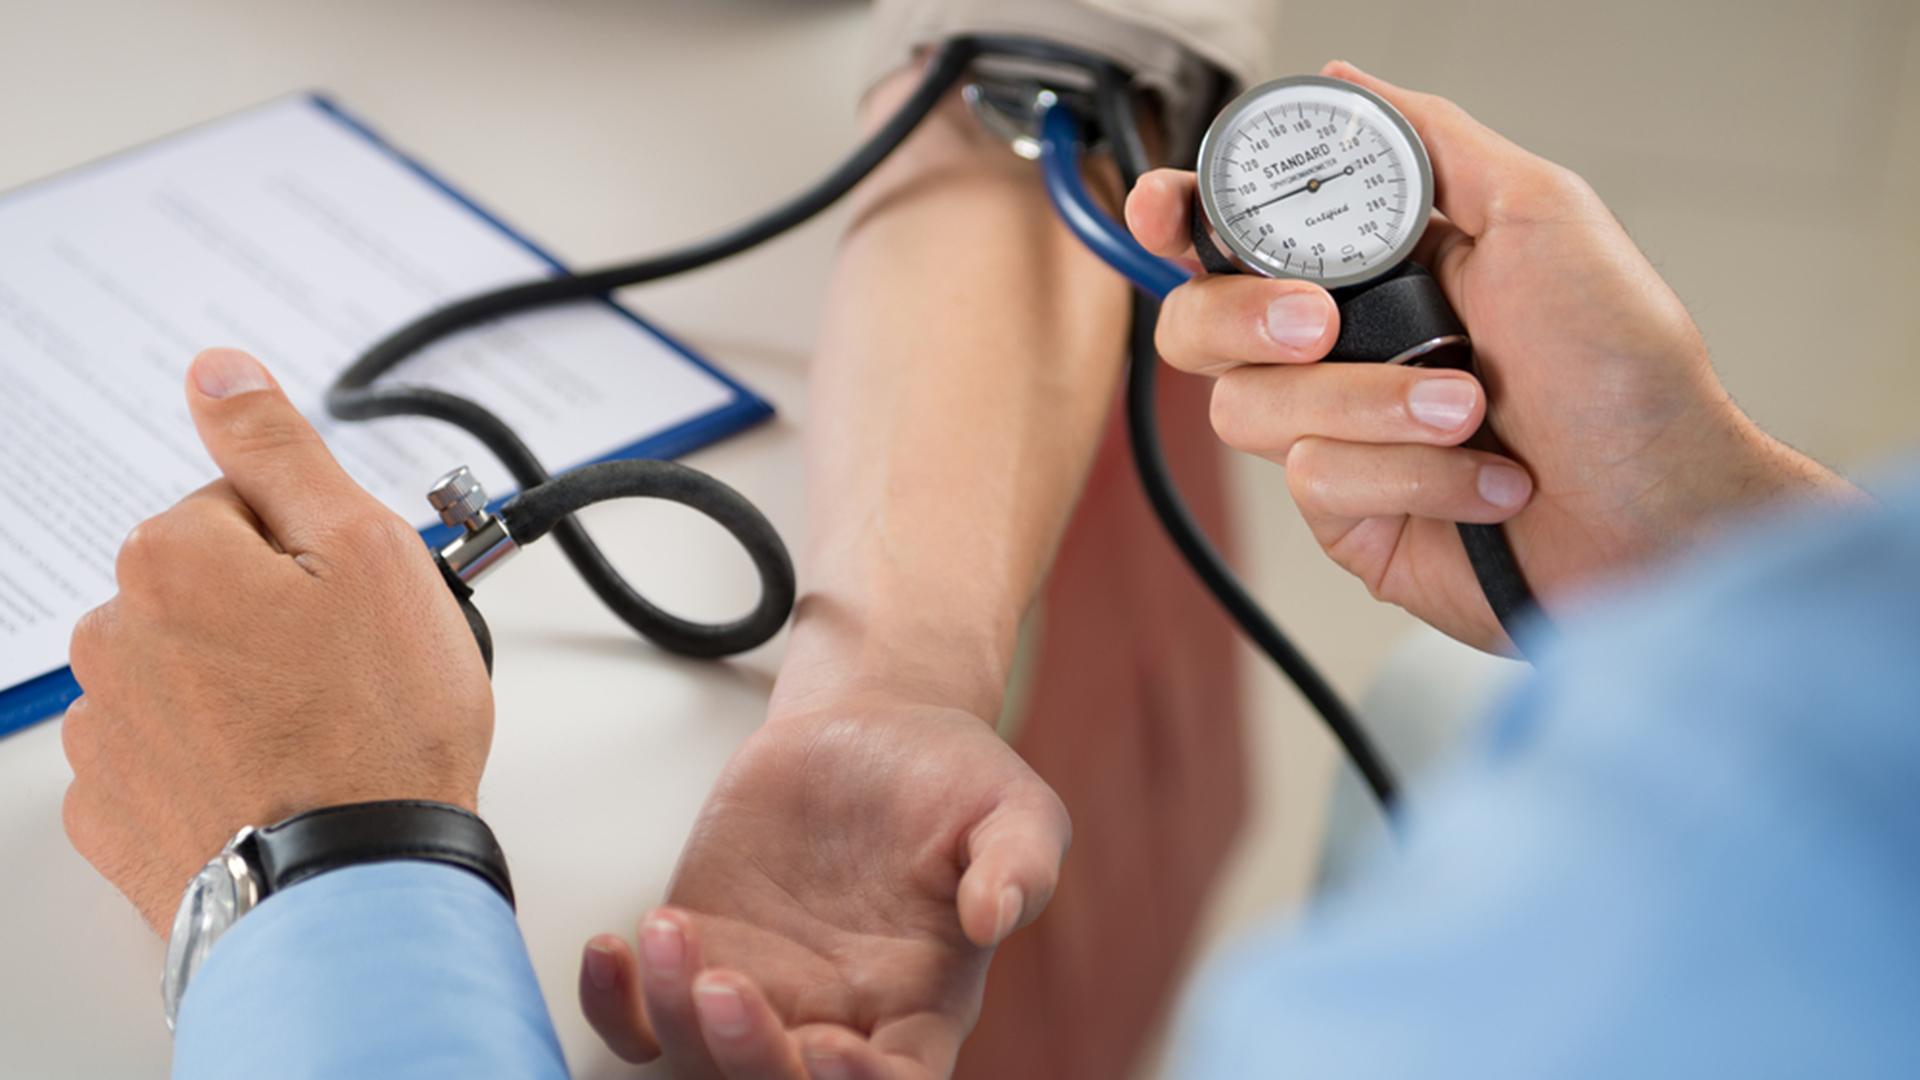 Numan – Men's Total Healthcare Available Online